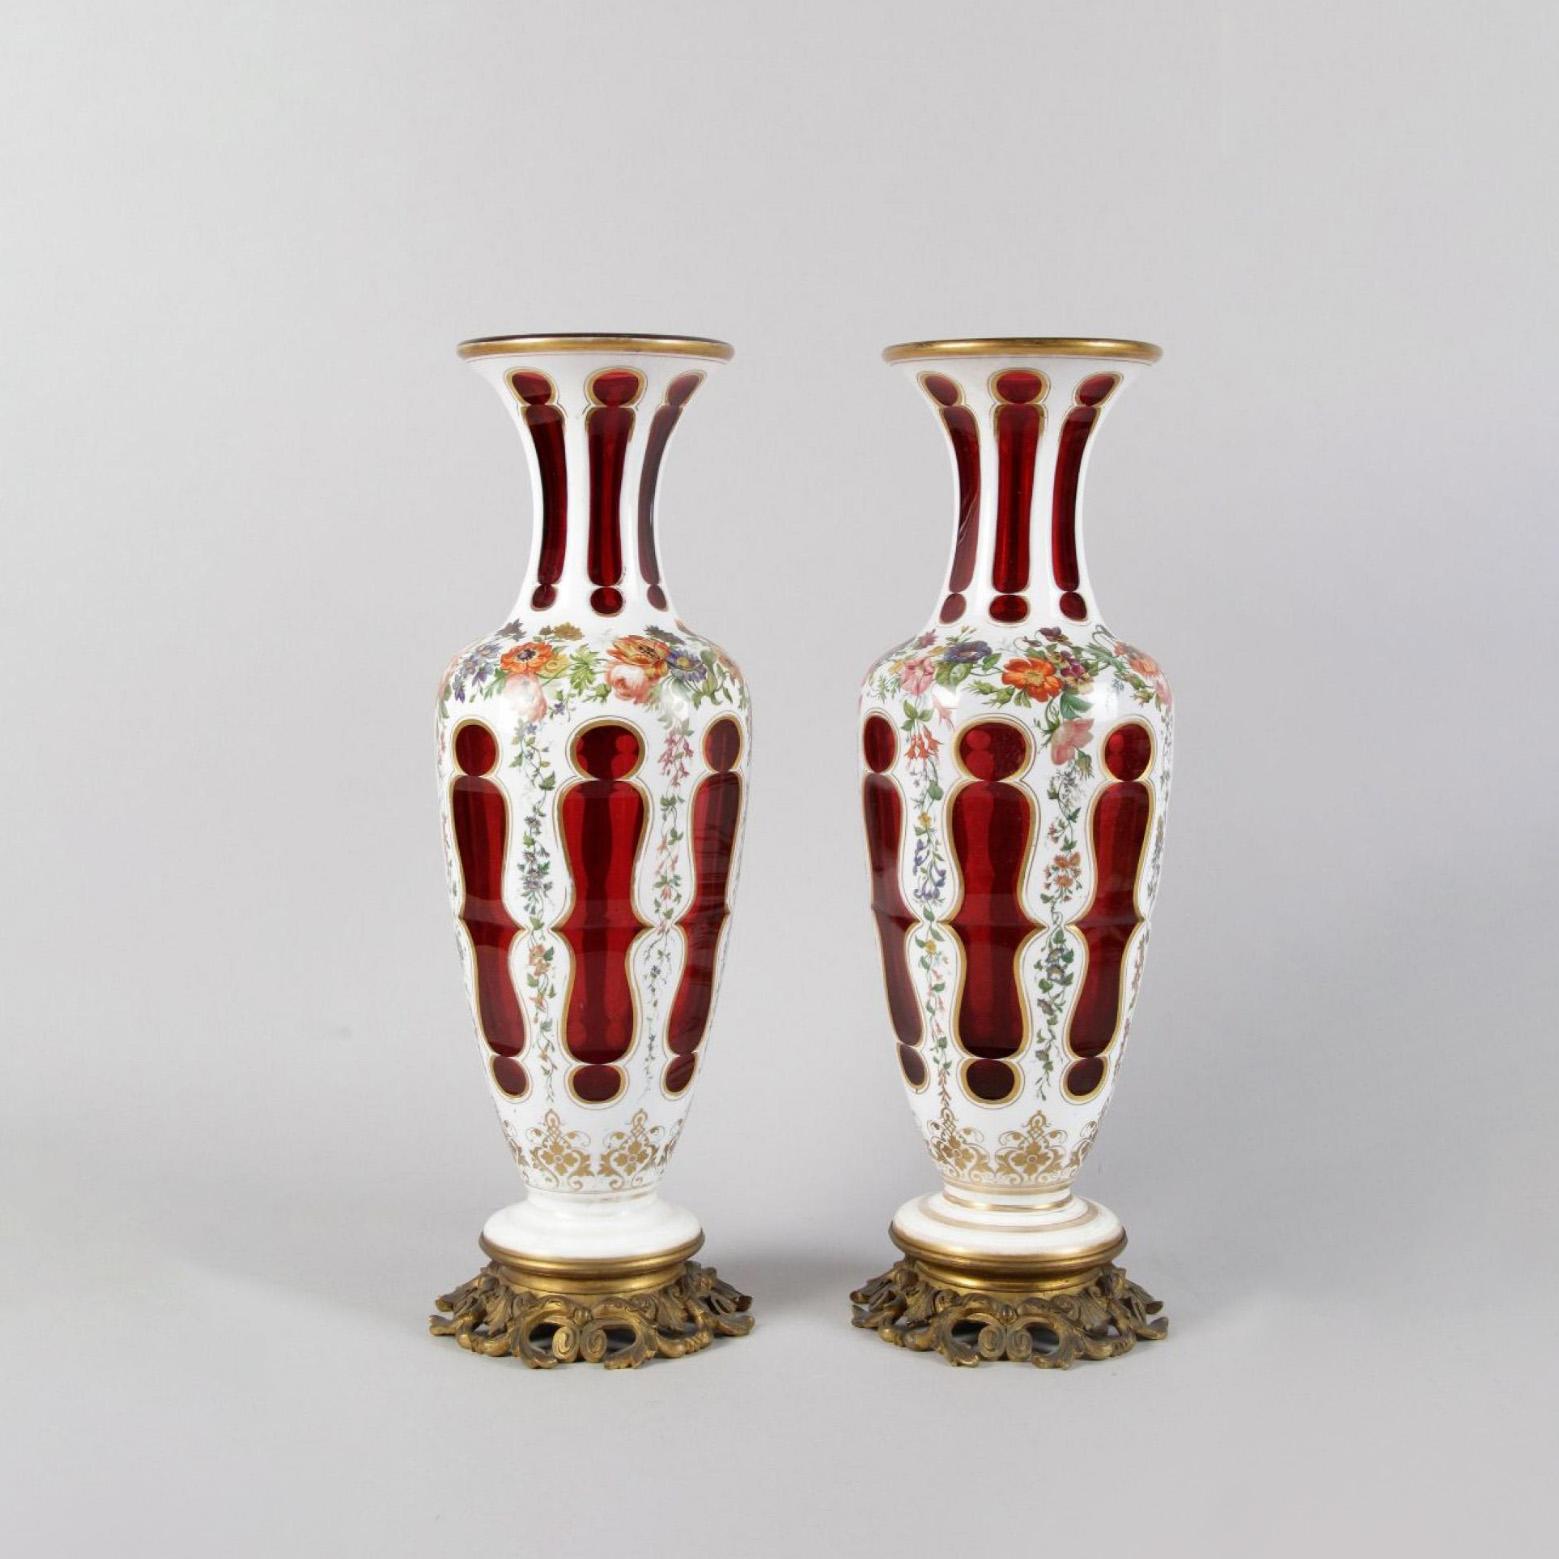 2250€ Paire de vases balustre en opaline overlay rouge doublé blanc à décor émaillé, époque Louis-Philippe. Paris,Drouot, 26février 201